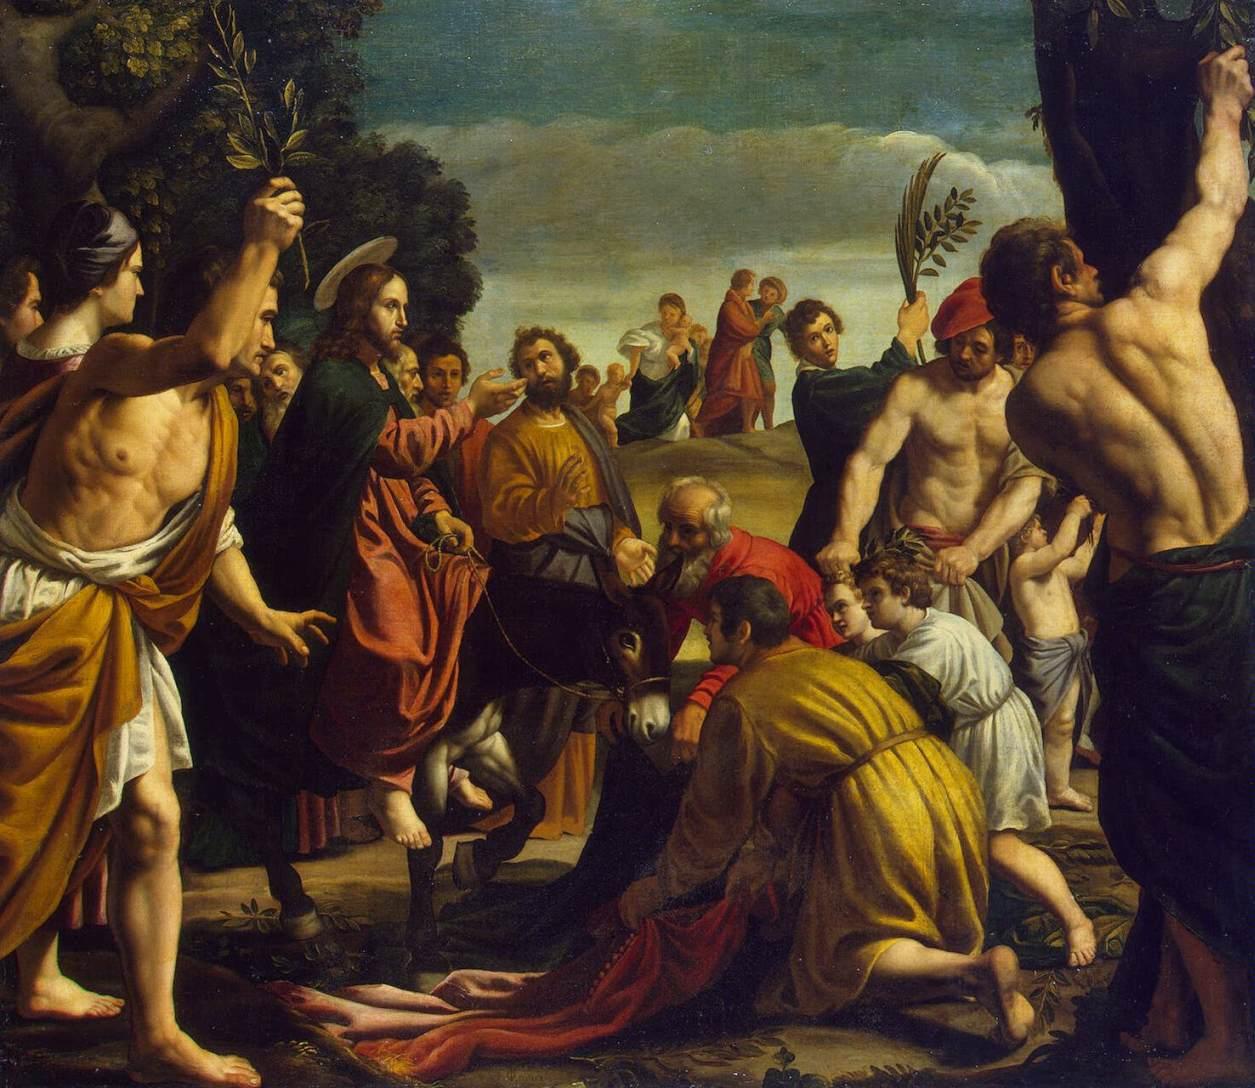 Entrada de Jesus em Jerusalém de Pedro Orrente, c. 1620.